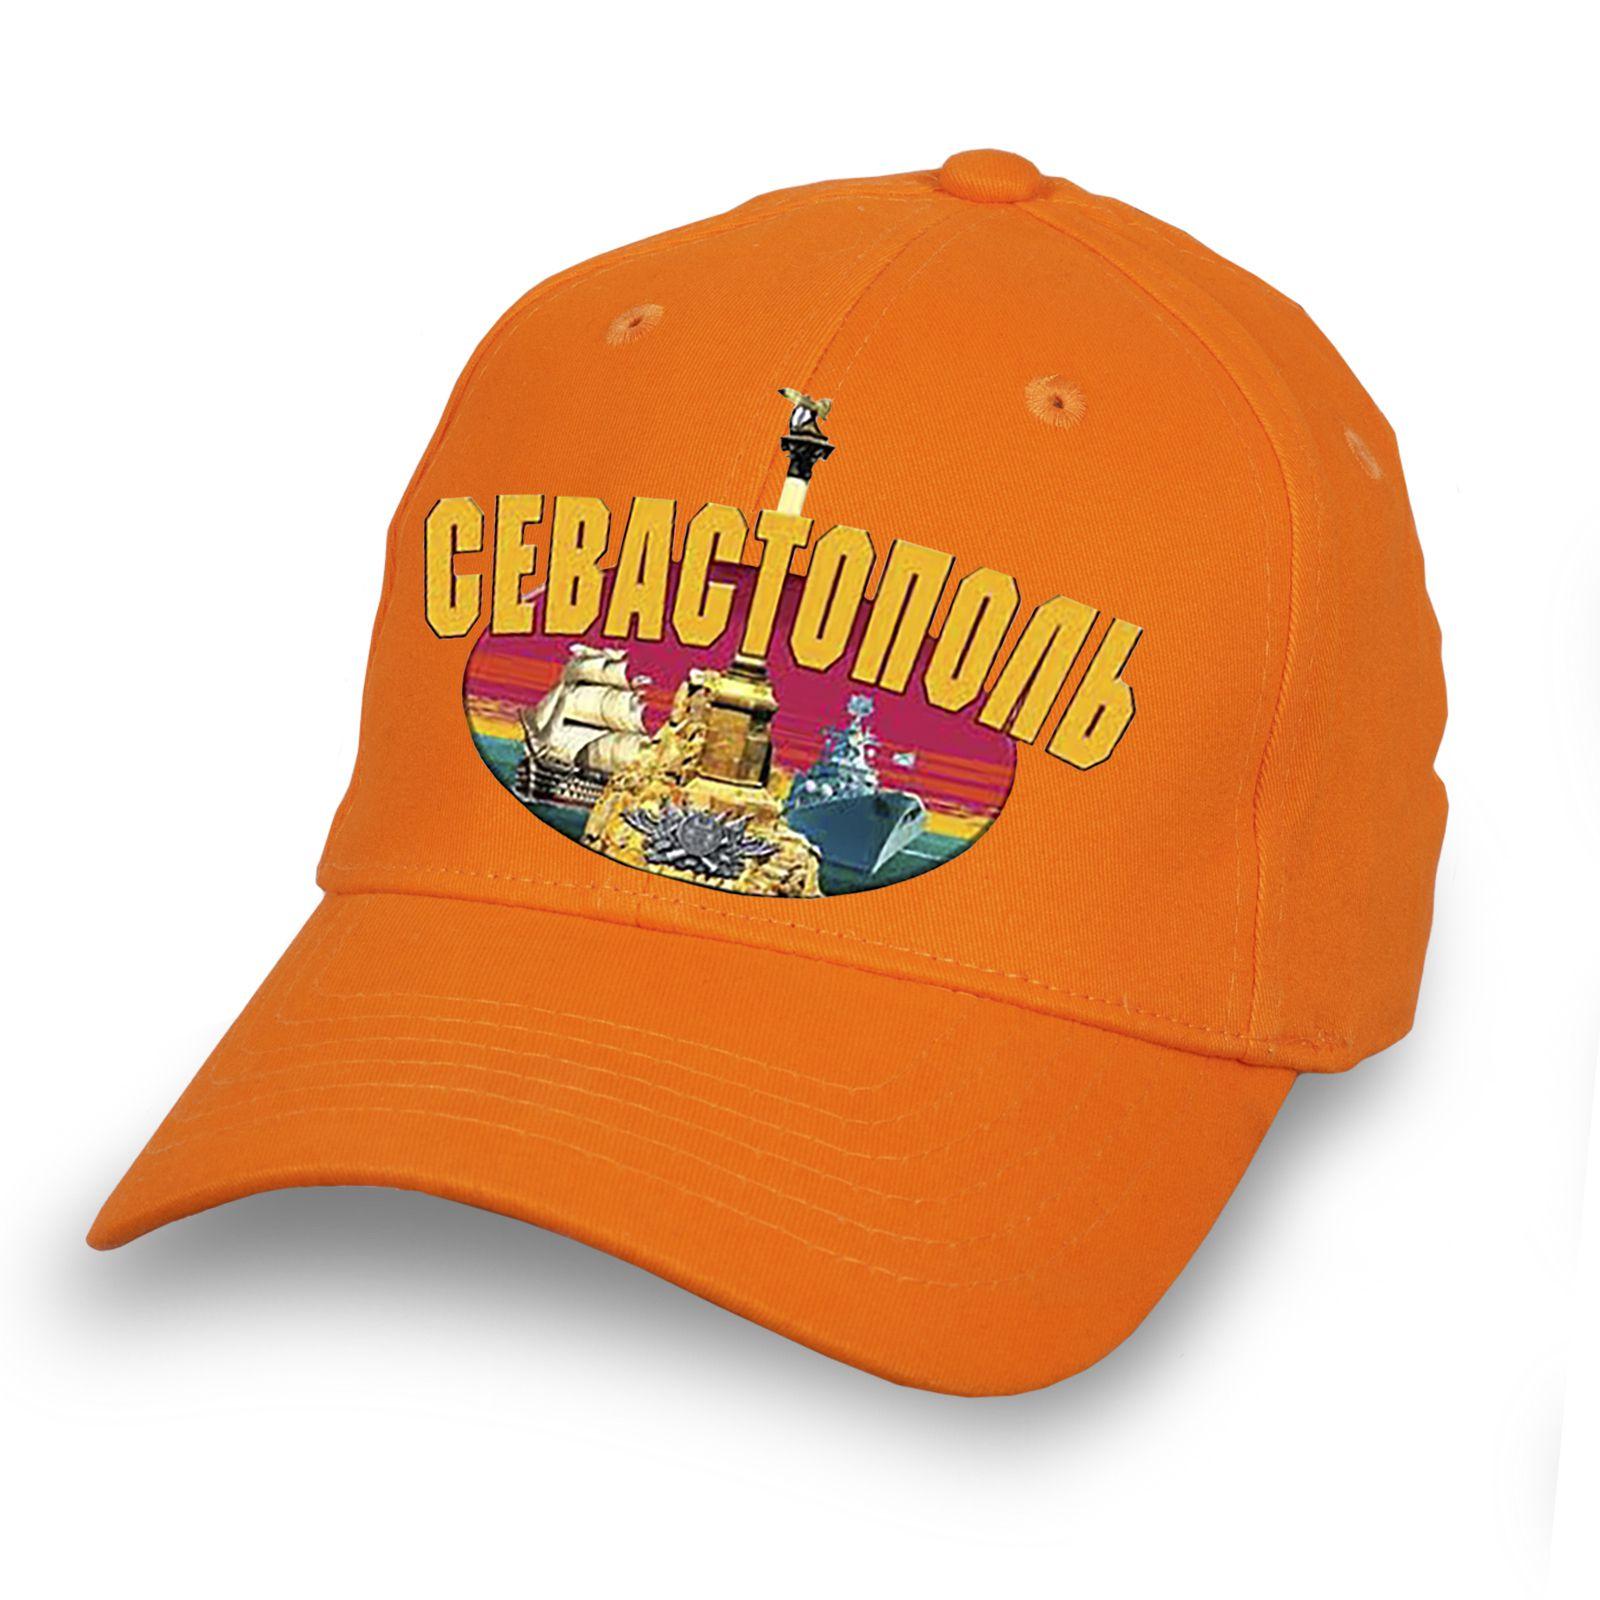 Кепка для туристов Севастополя - купить онлайн недорого